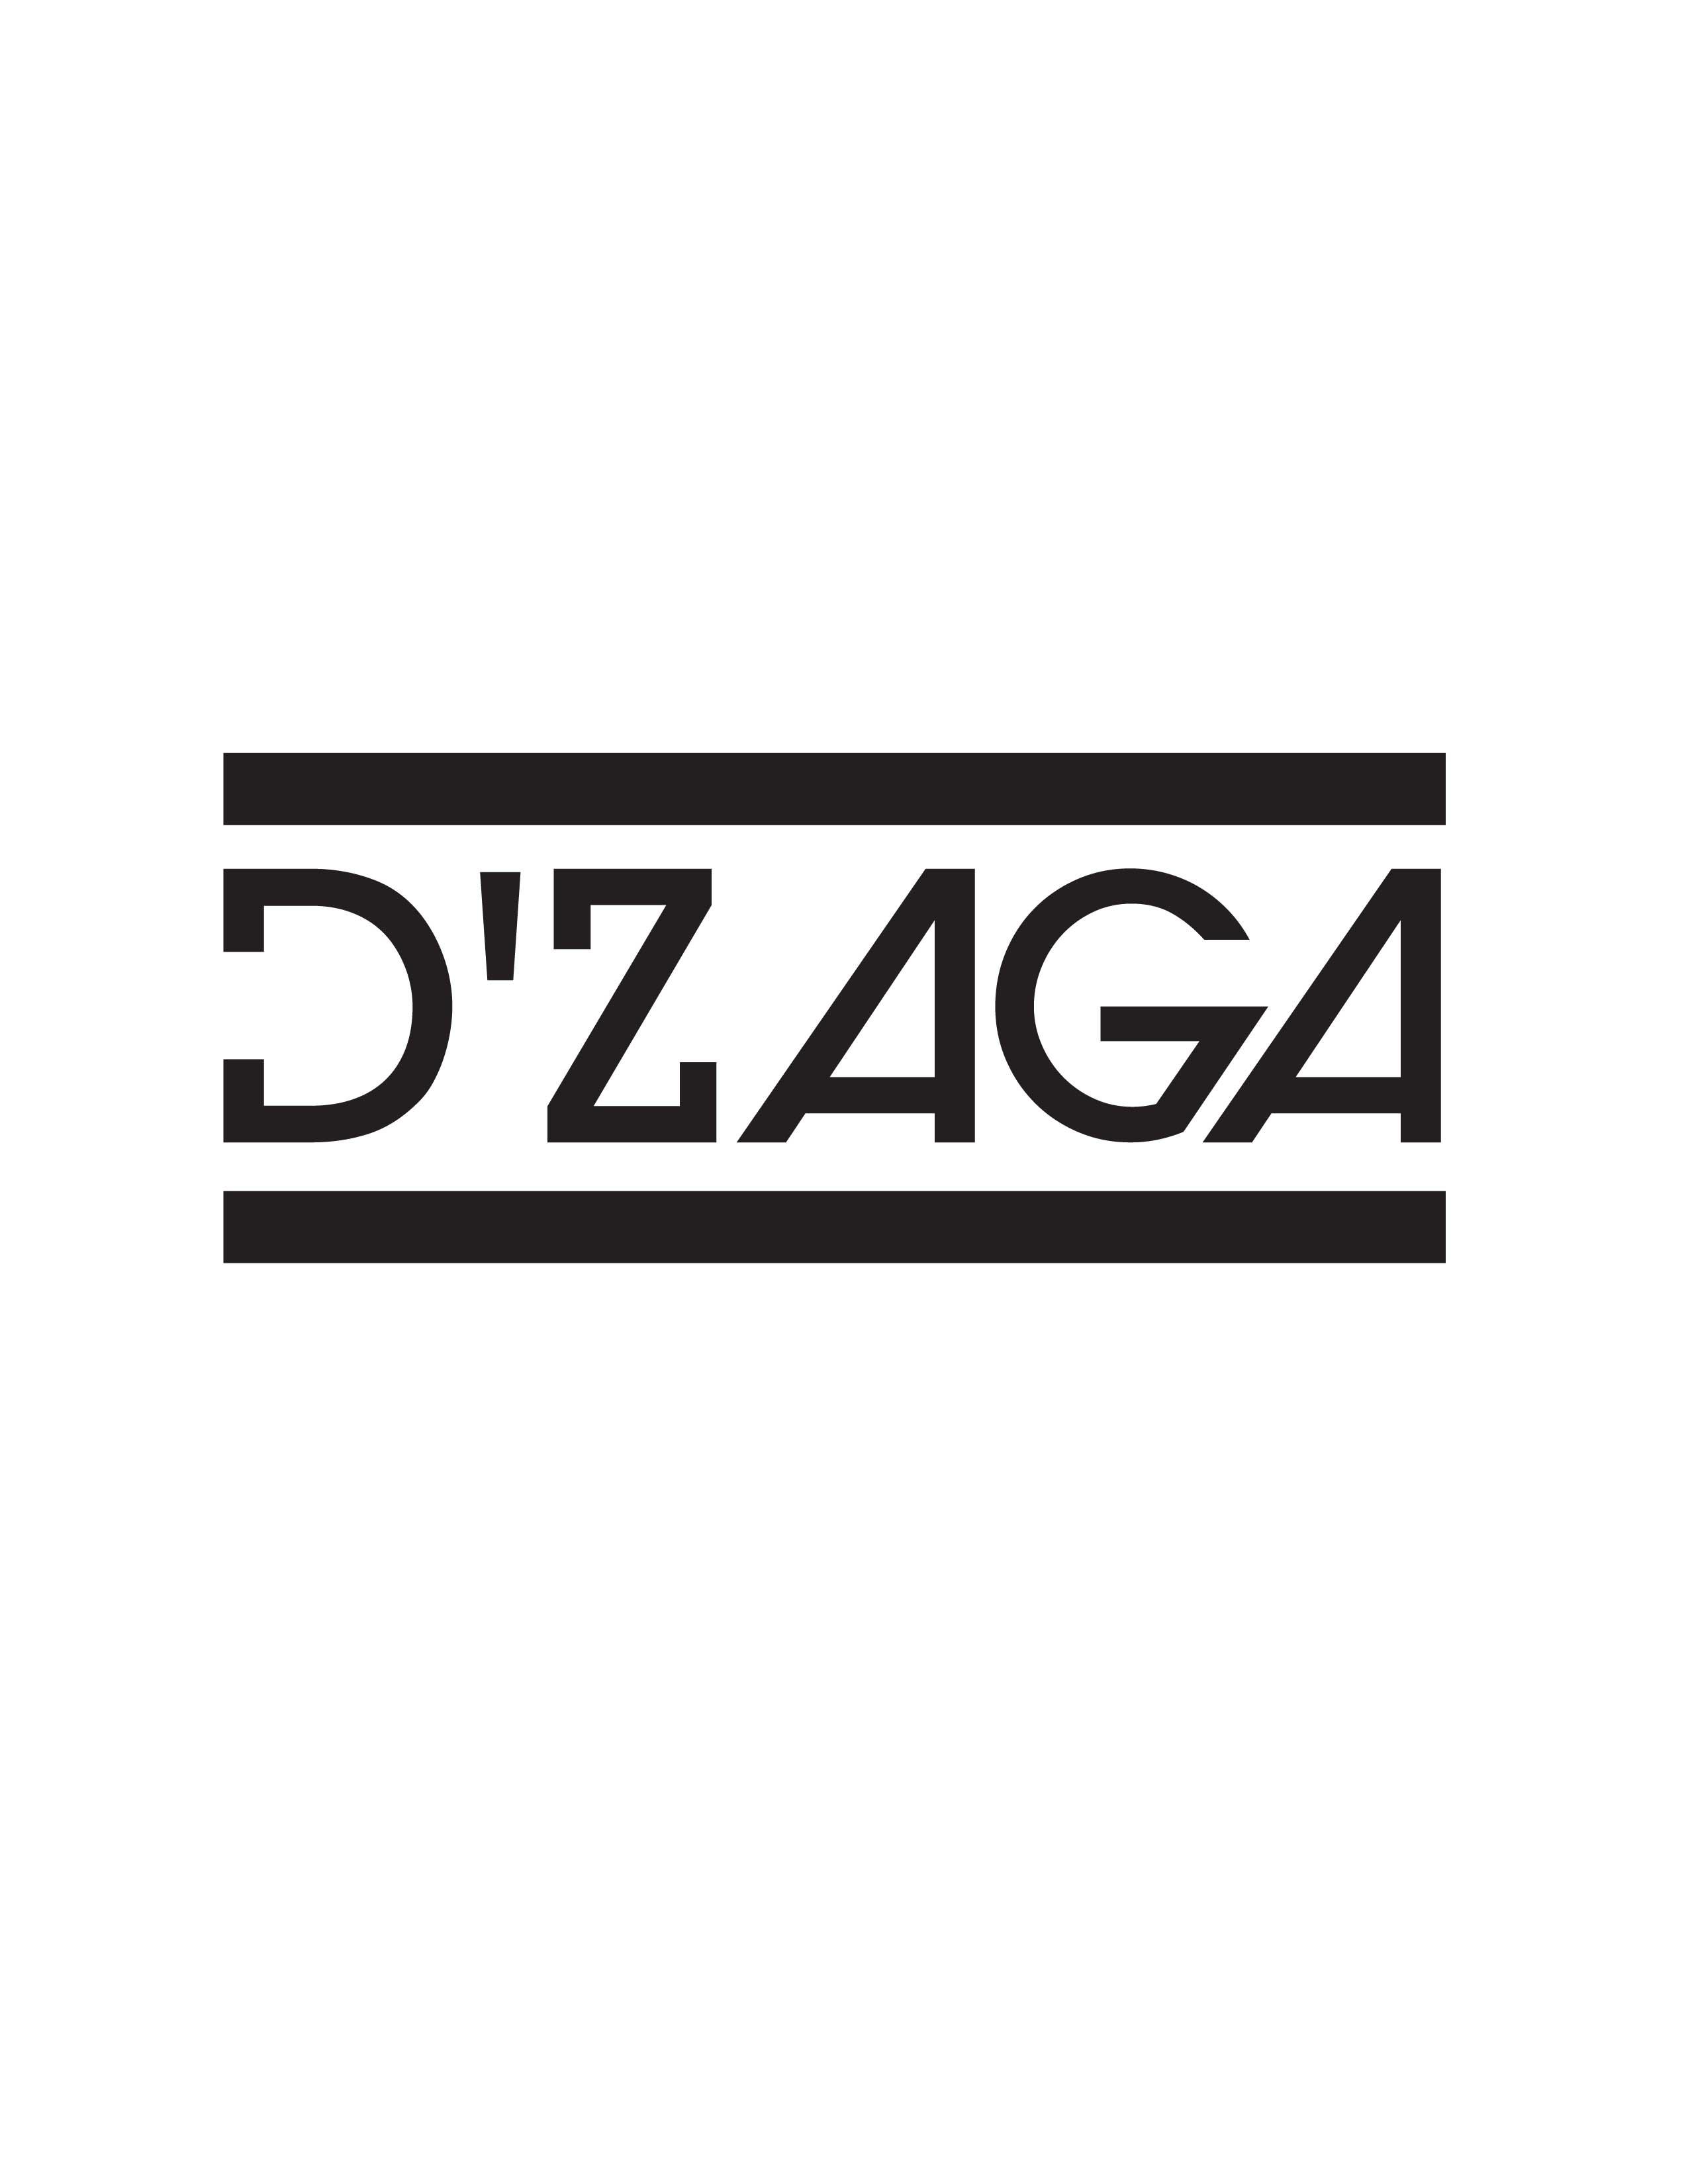 D'ZAGA Gypset Magazine